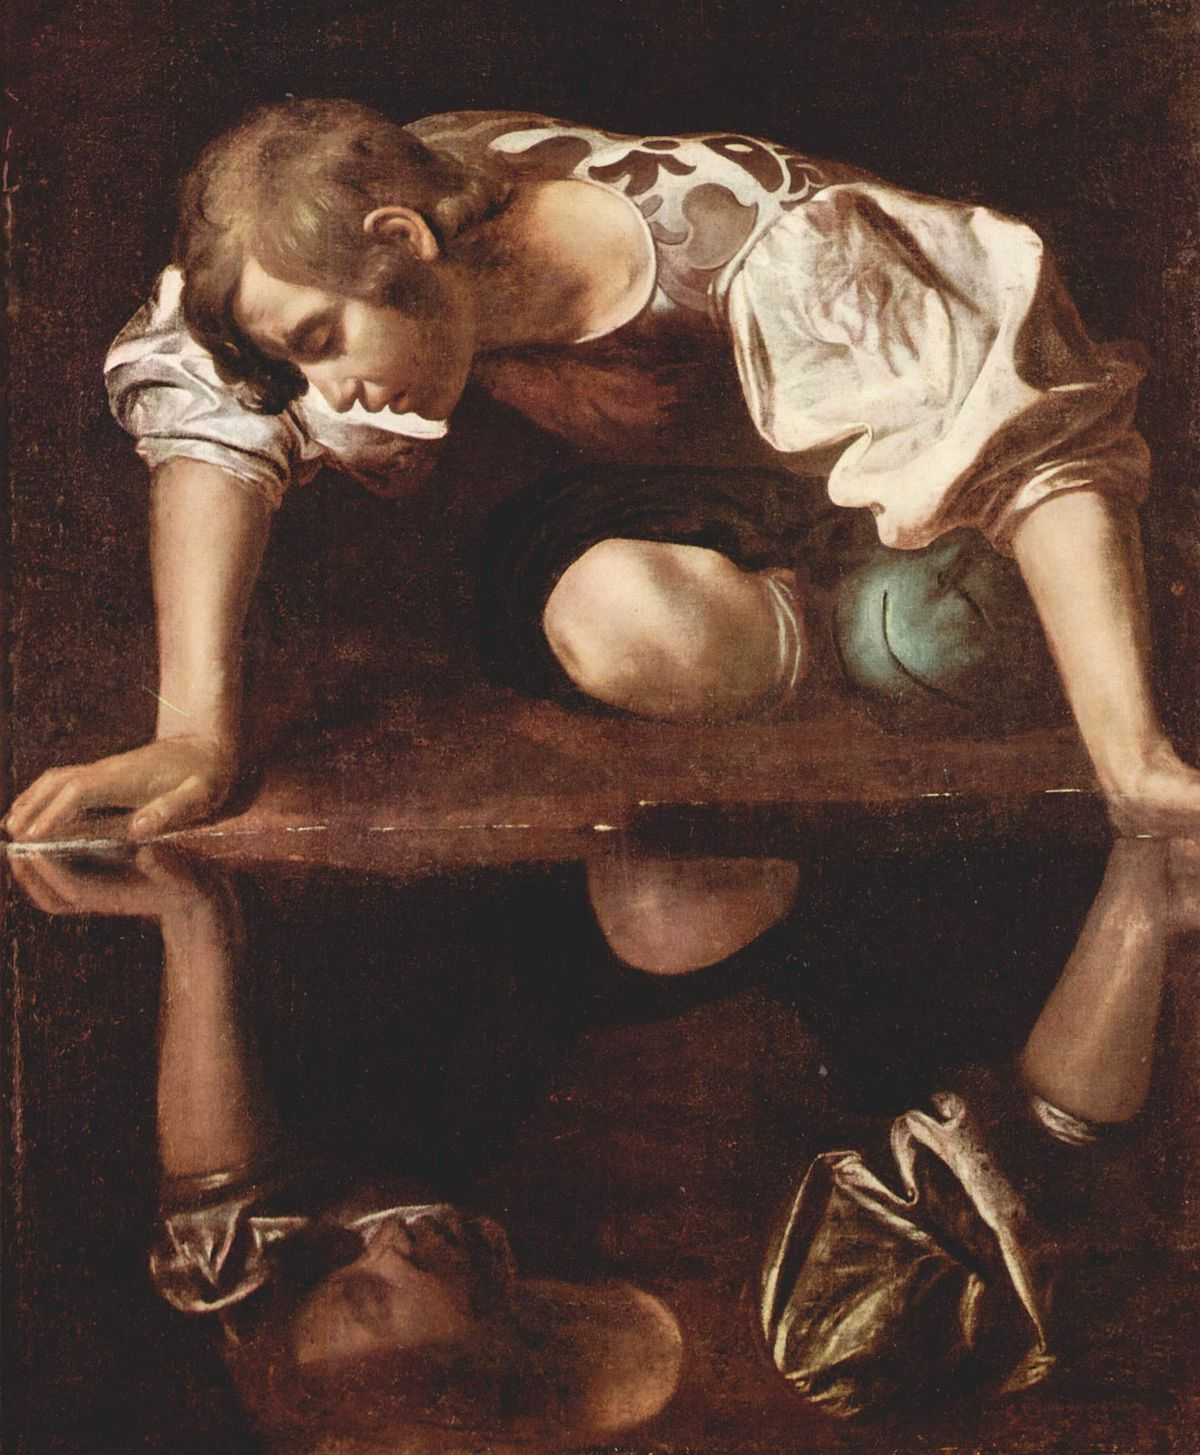 Narciso (mitología) - Wikipedia, la enciclopedia libre